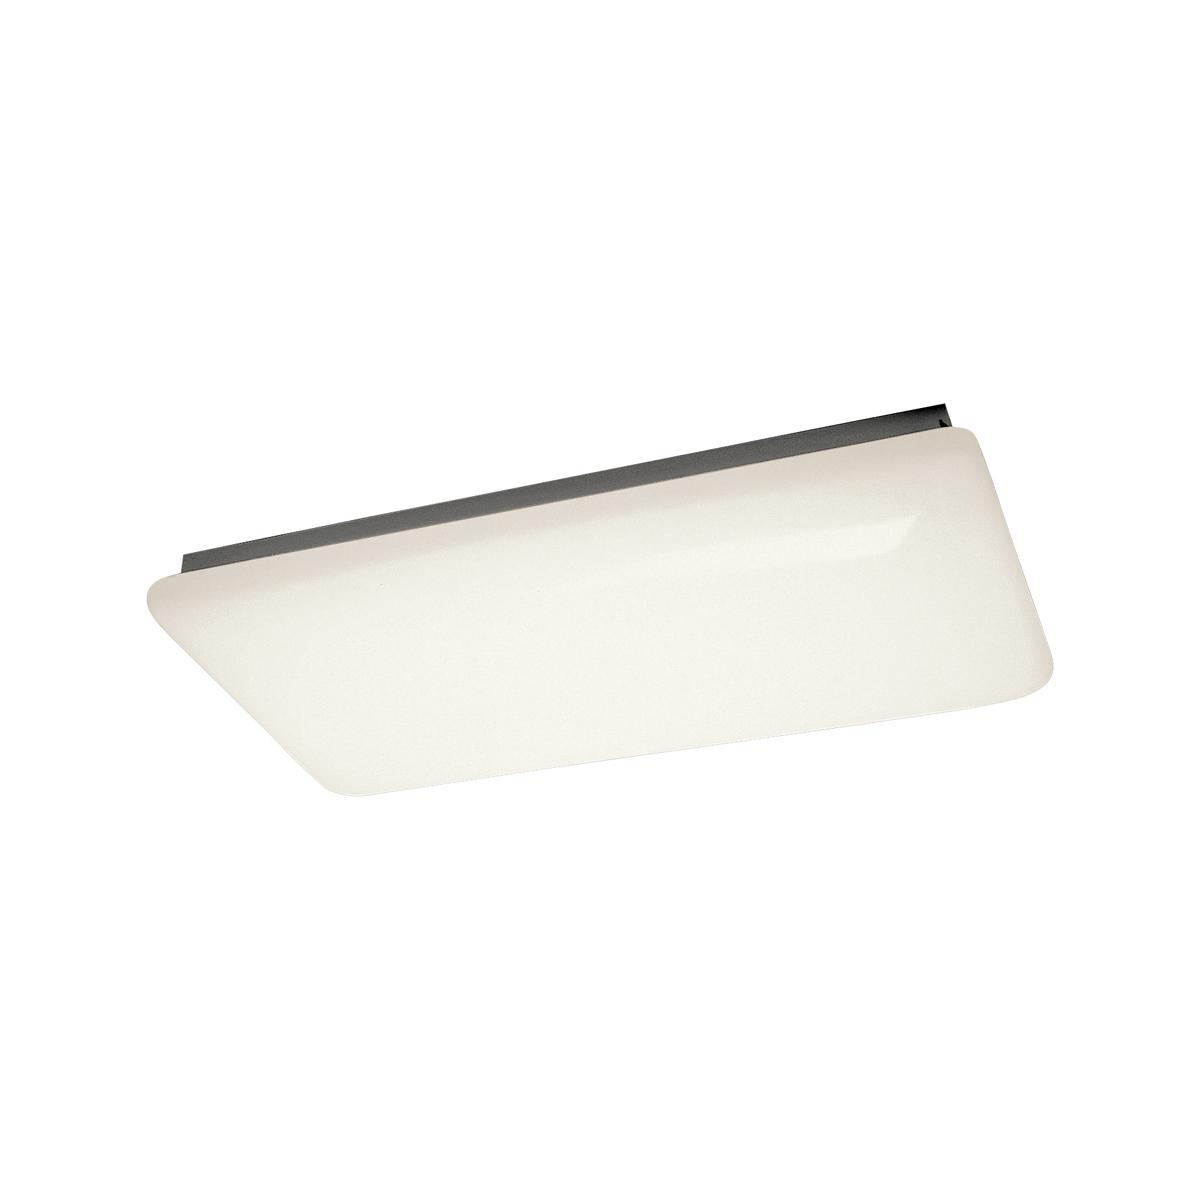 Kichler Linear Ceiling 51 FluorescentL in White